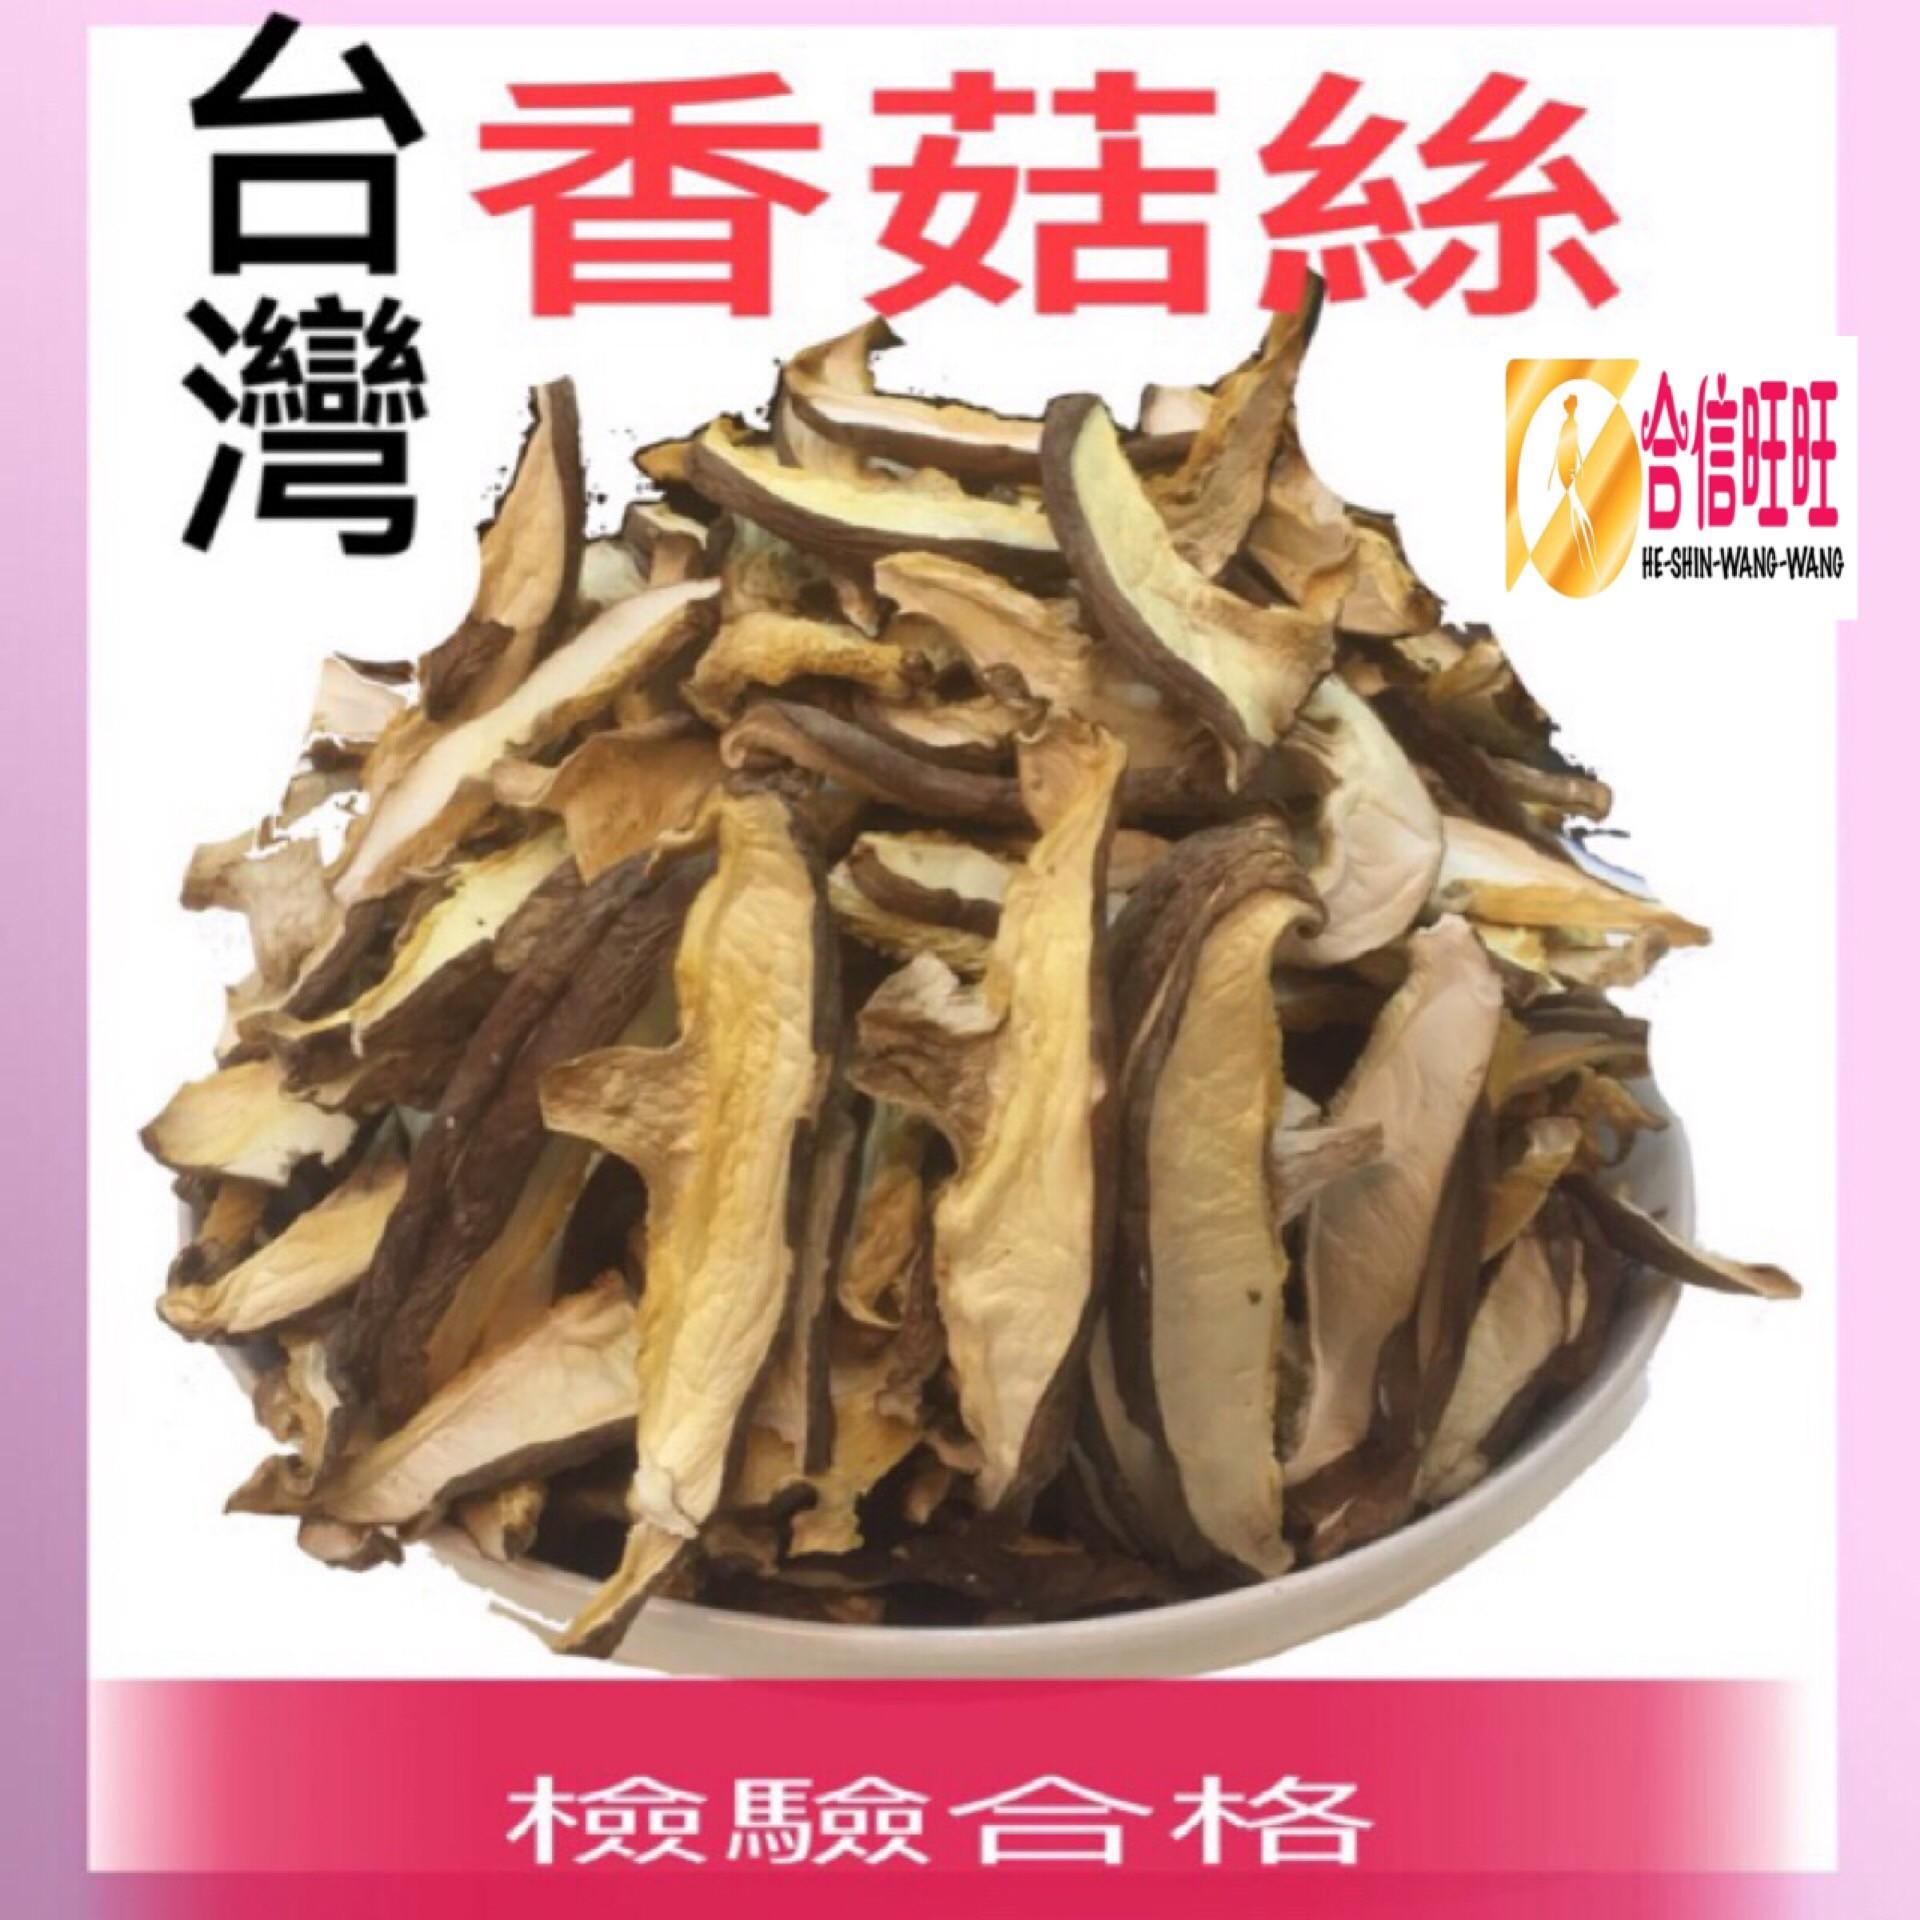 【台灣香菇絲】150克╱肉質鮮嫩. 濃濃菇香味